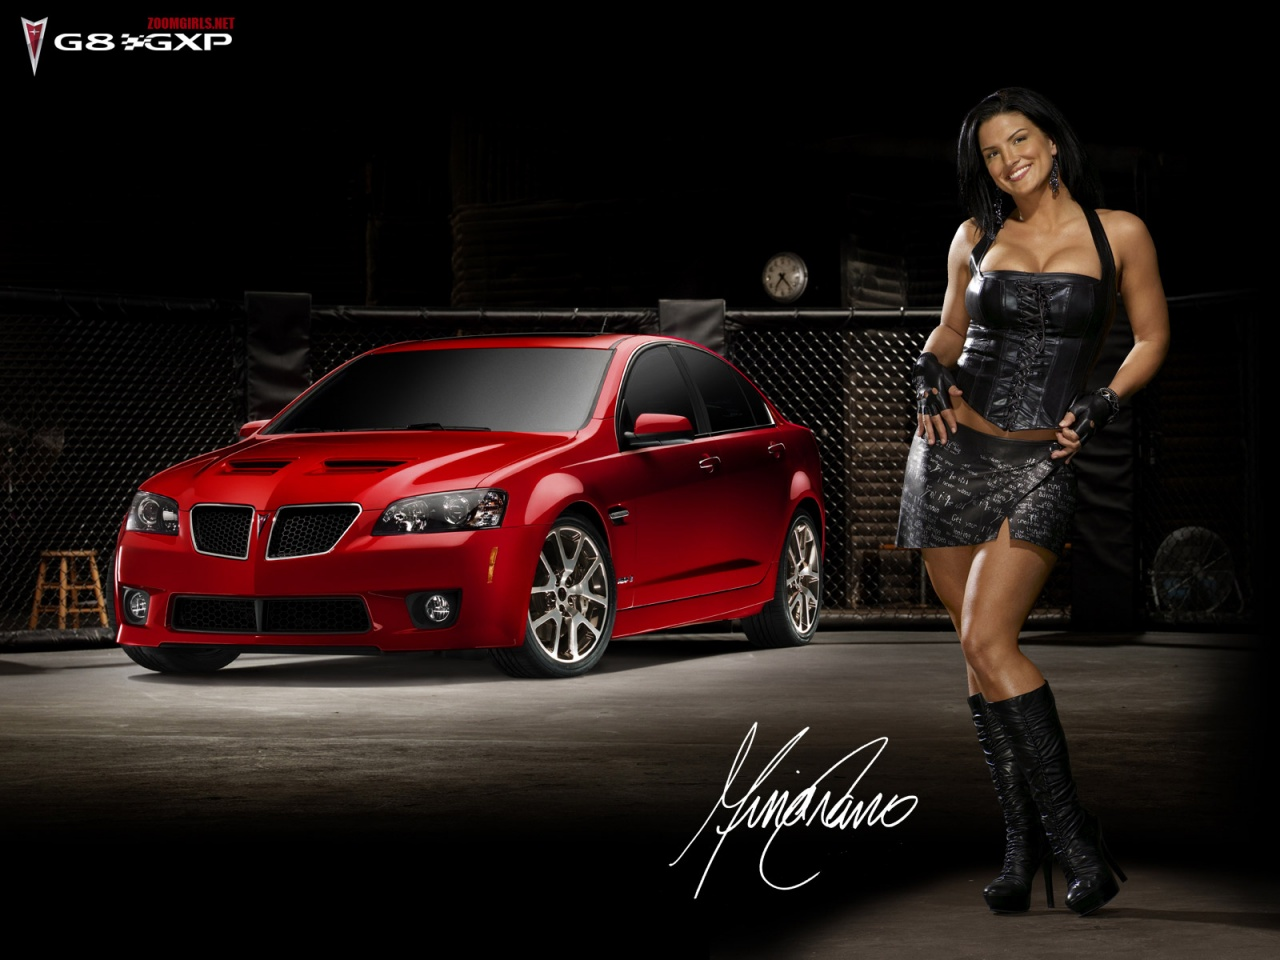 Download High quality Red Pontiac G8 GXP Girls Cars Wallpaper 1280x960